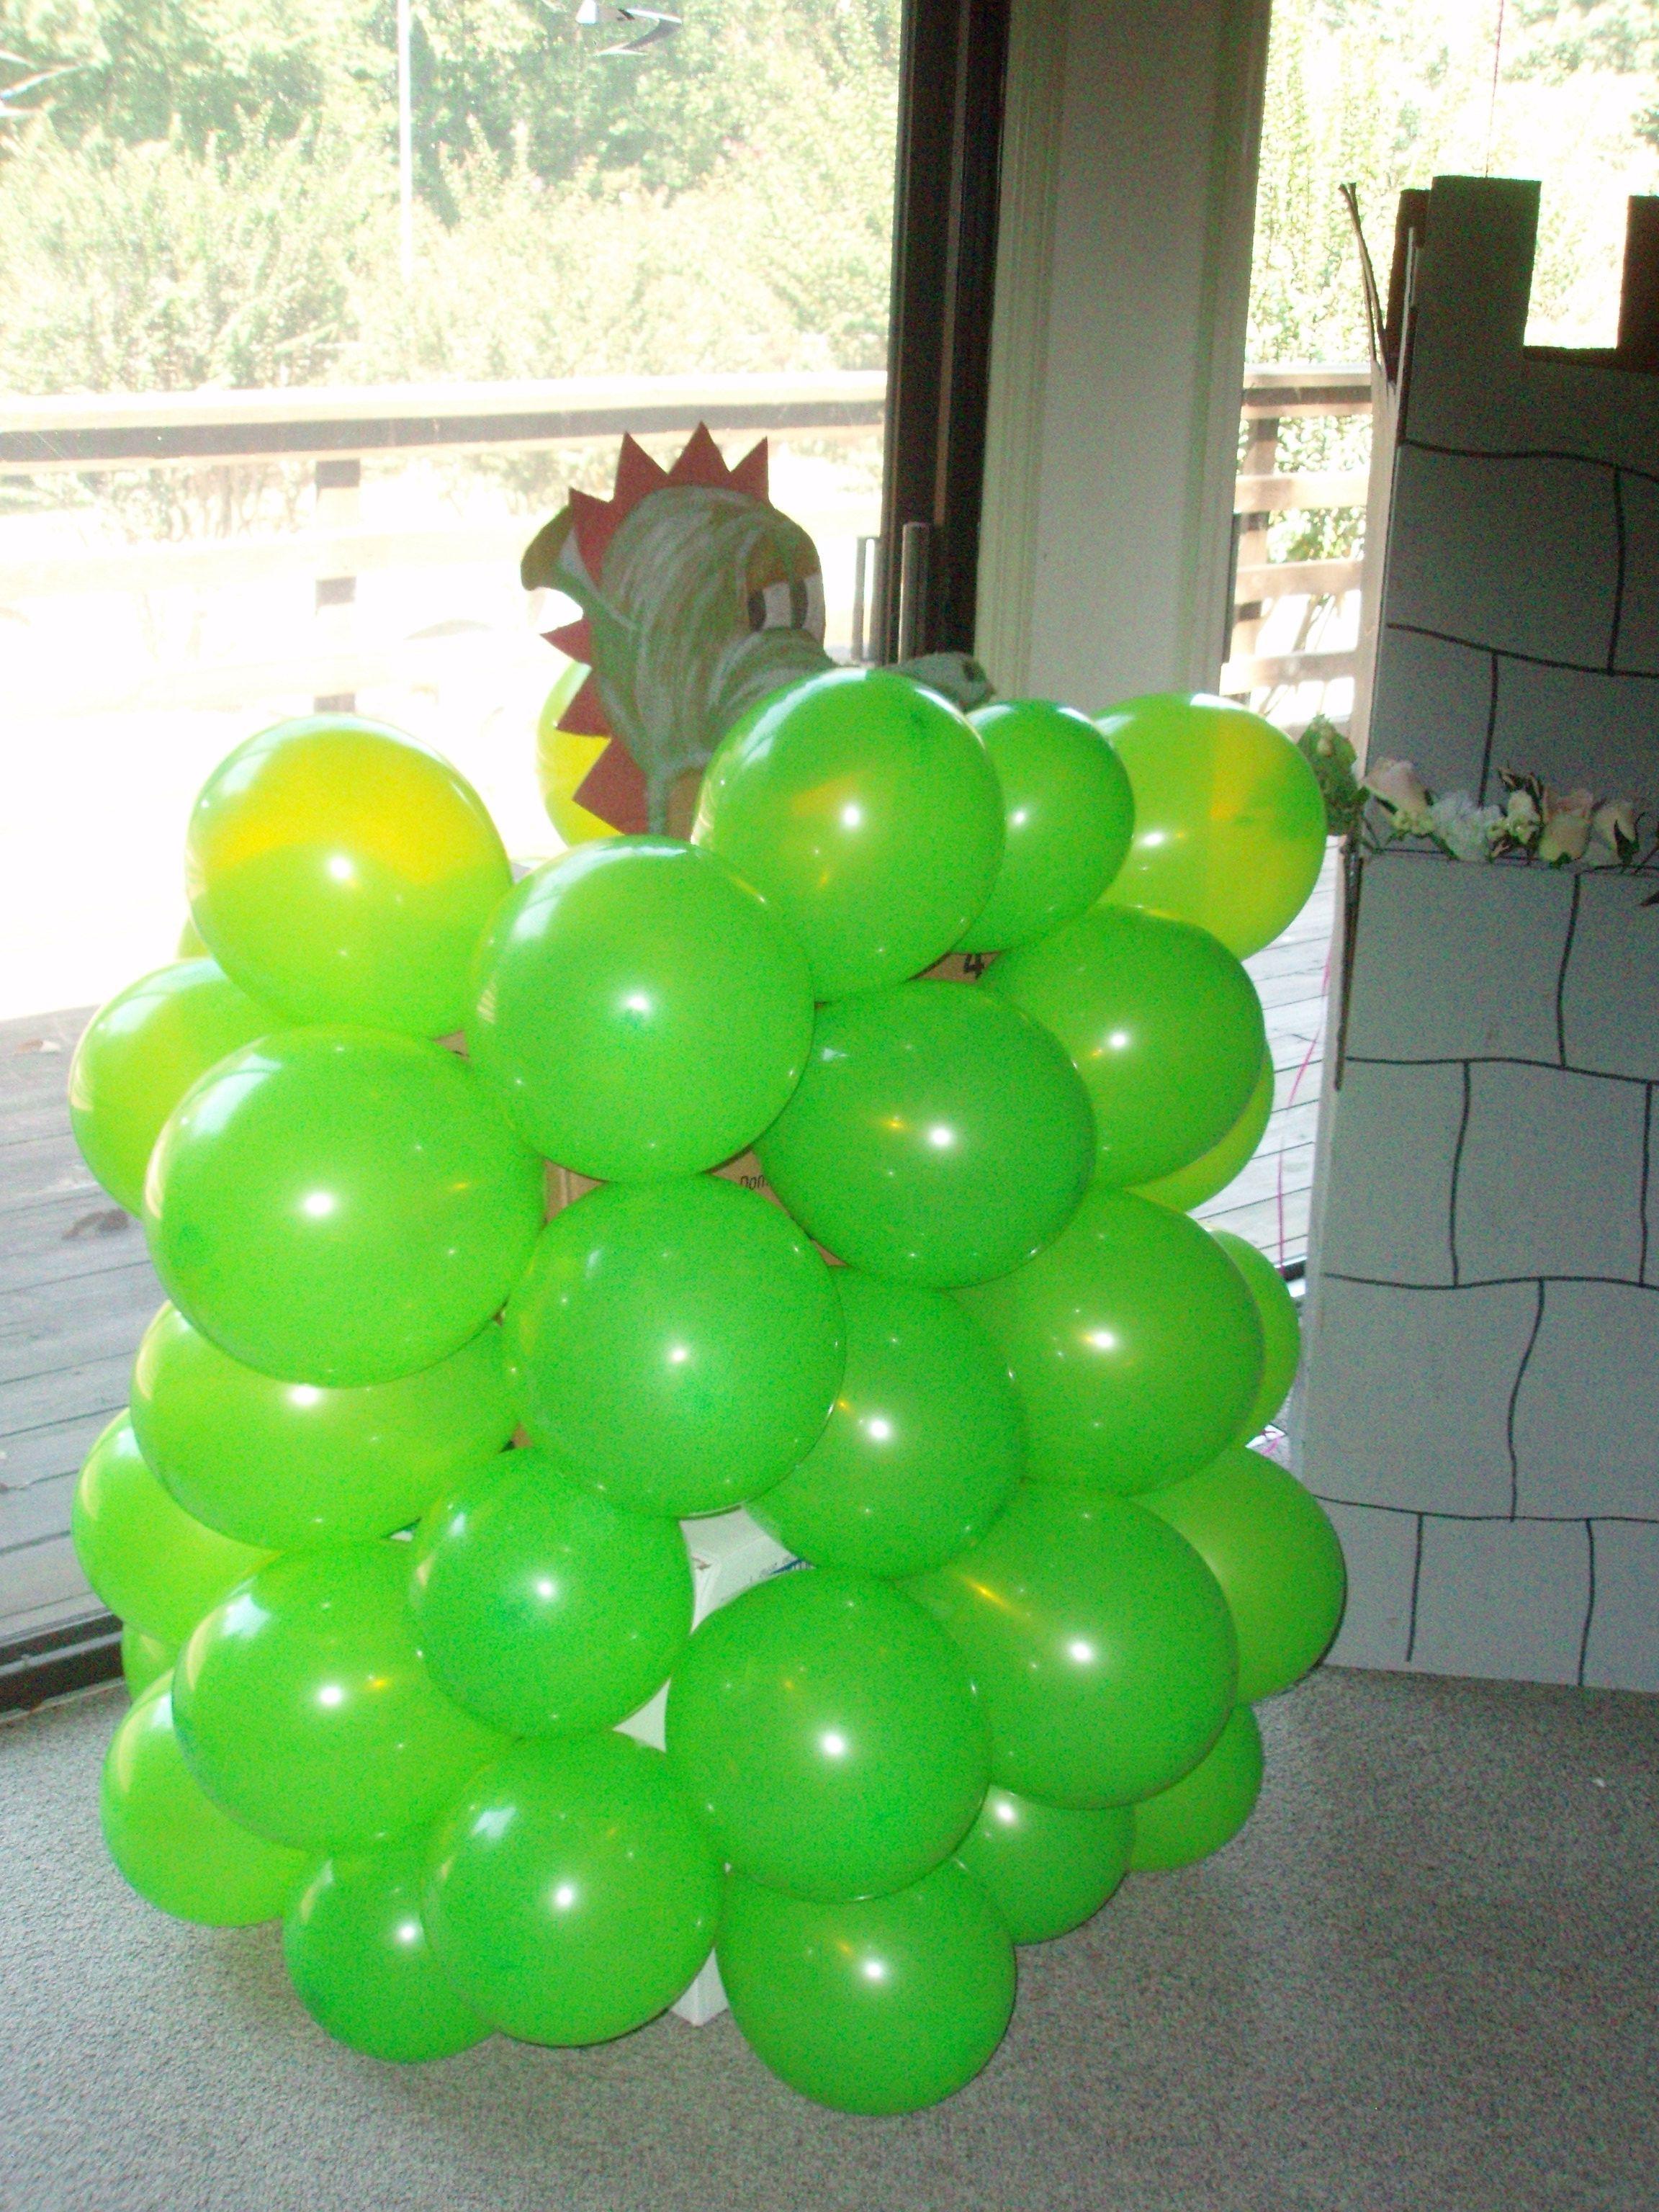 ballon mit s em f llen ritterparty pinterest rittergeburtstag ritter und geburtstage. Black Bedroom Furniture Sets. Home Design Ideas